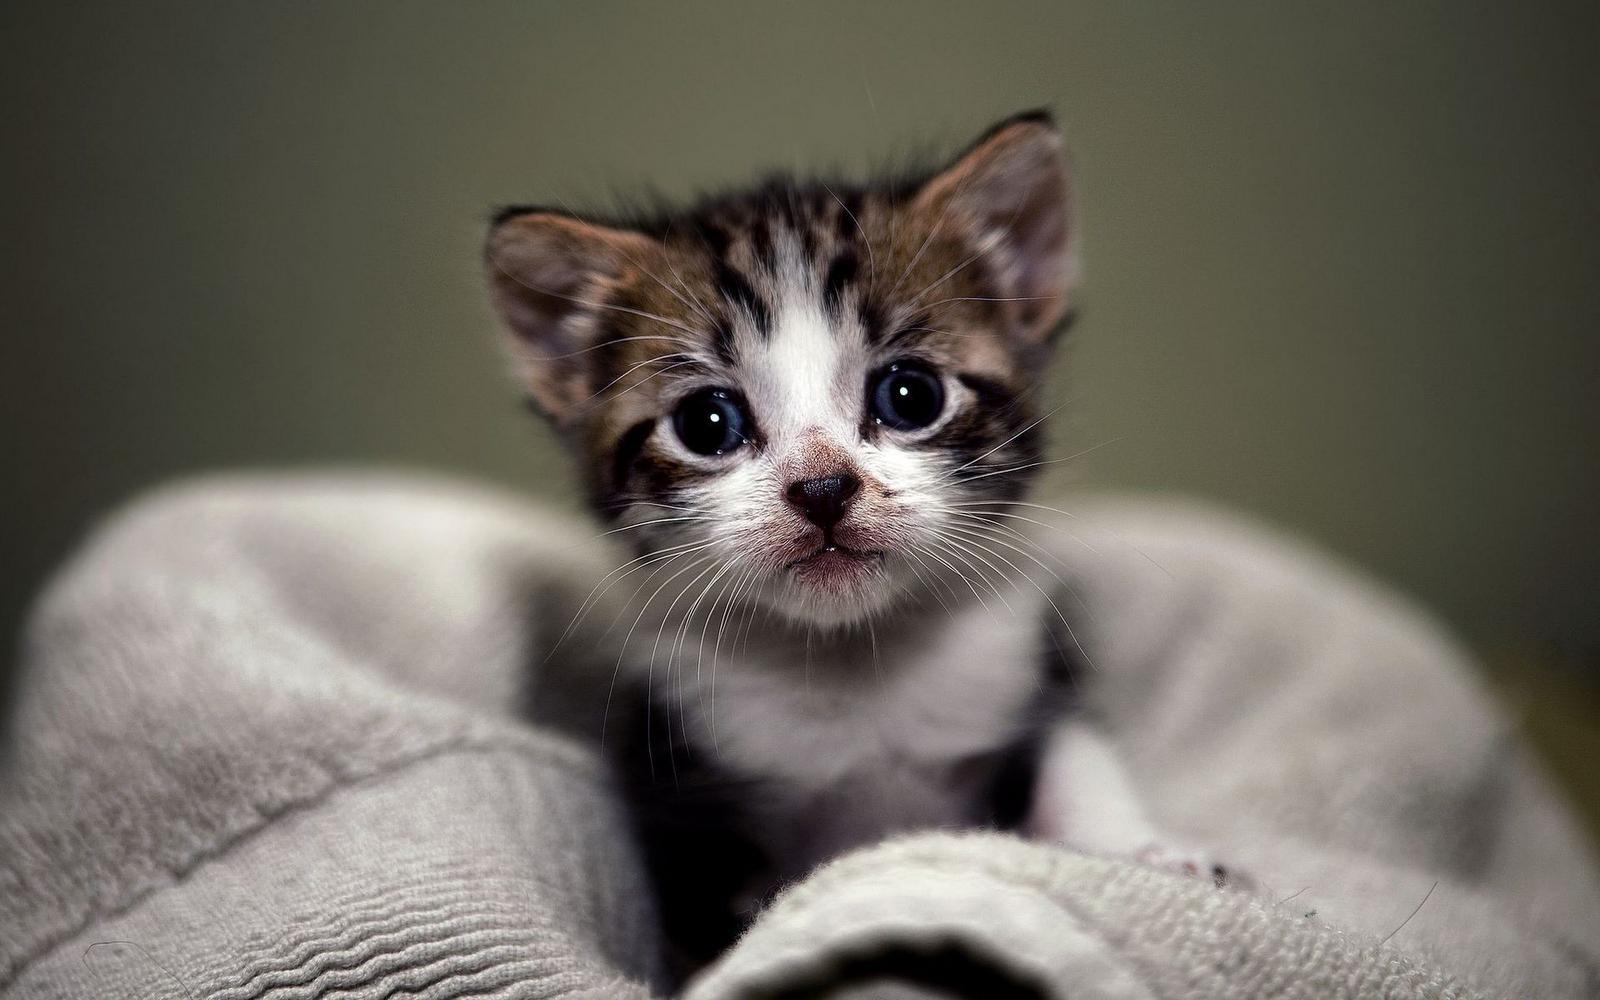 Cute kitten wallpapers the cutest kittens 1600x1000 altavistaventures Images